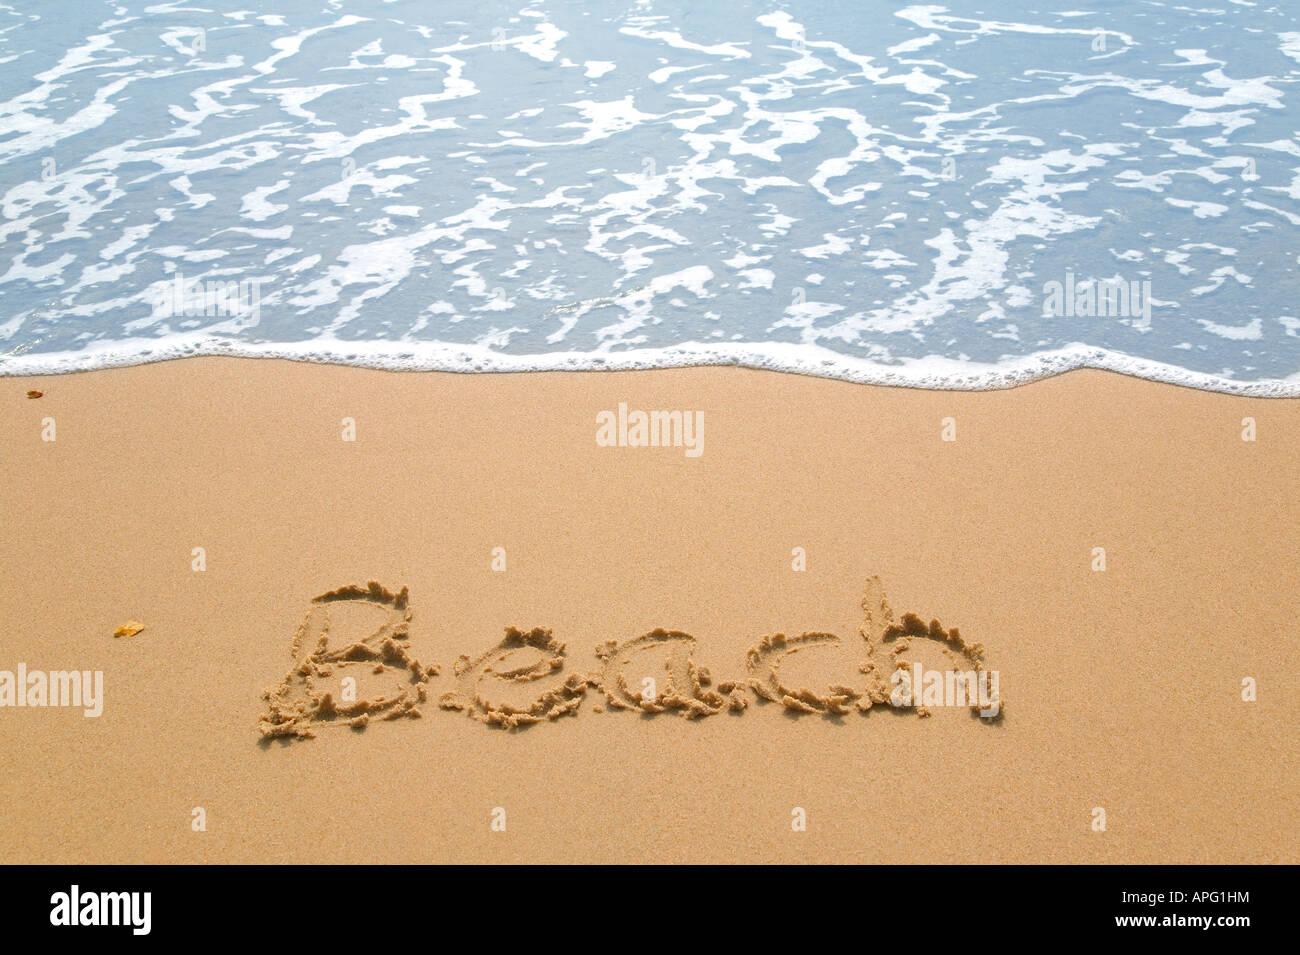 Strand auf einem goldenen Sandstrand neben den Gewässerrand geschrieben Stockbild